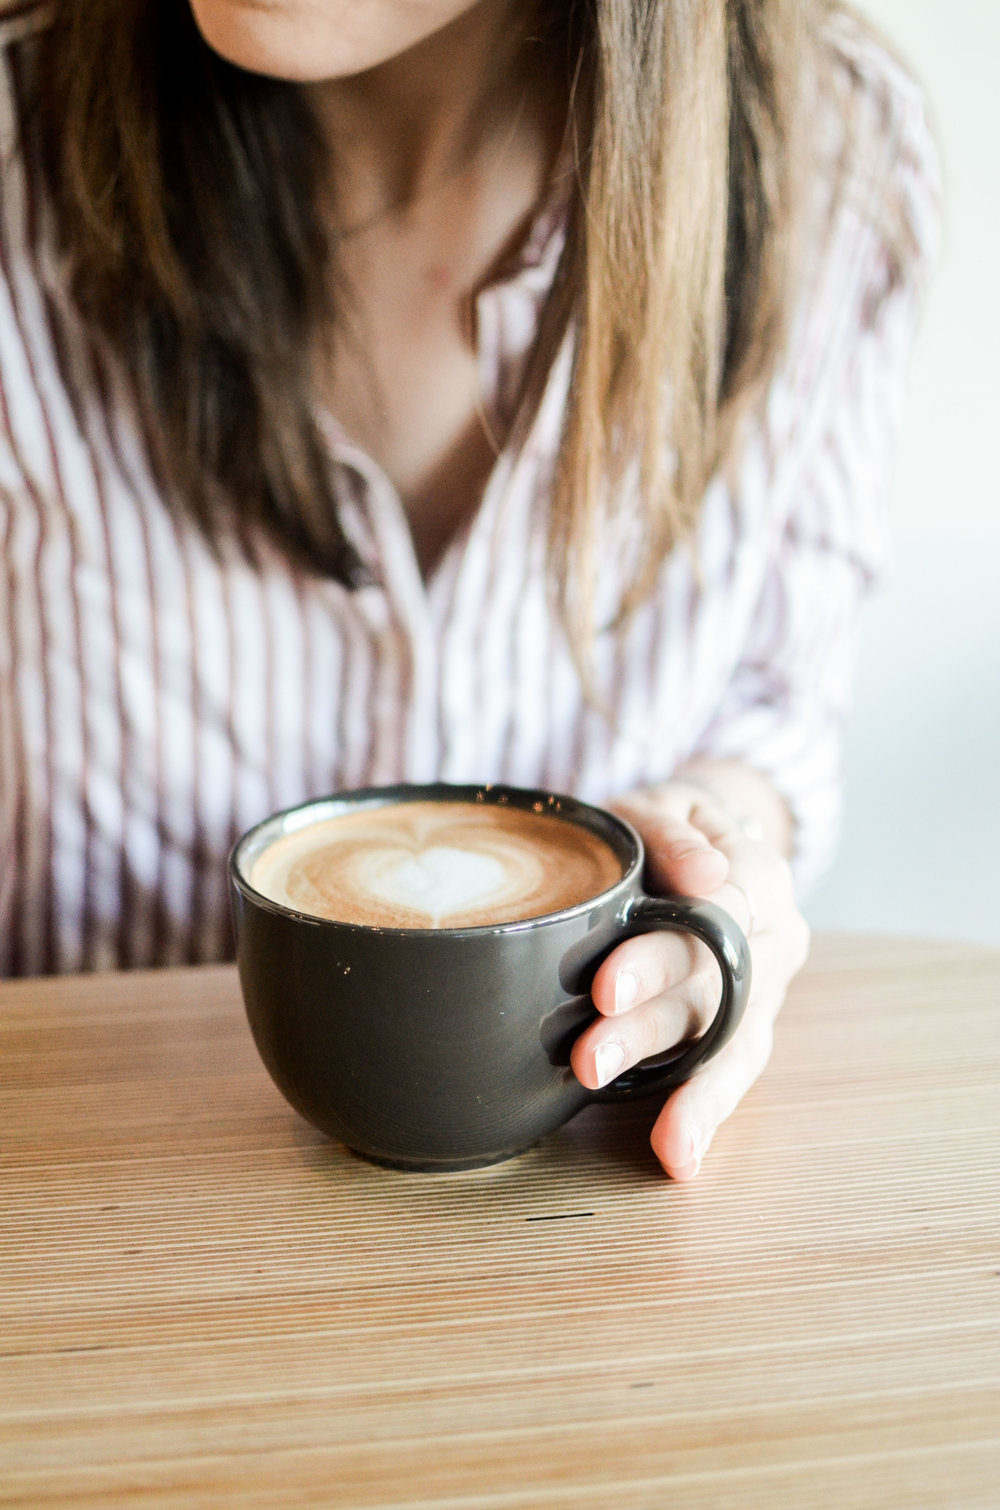 Wendling_Boyd_Drip_Coffee_Holland_Michigan_Coffee_Culture.jpg